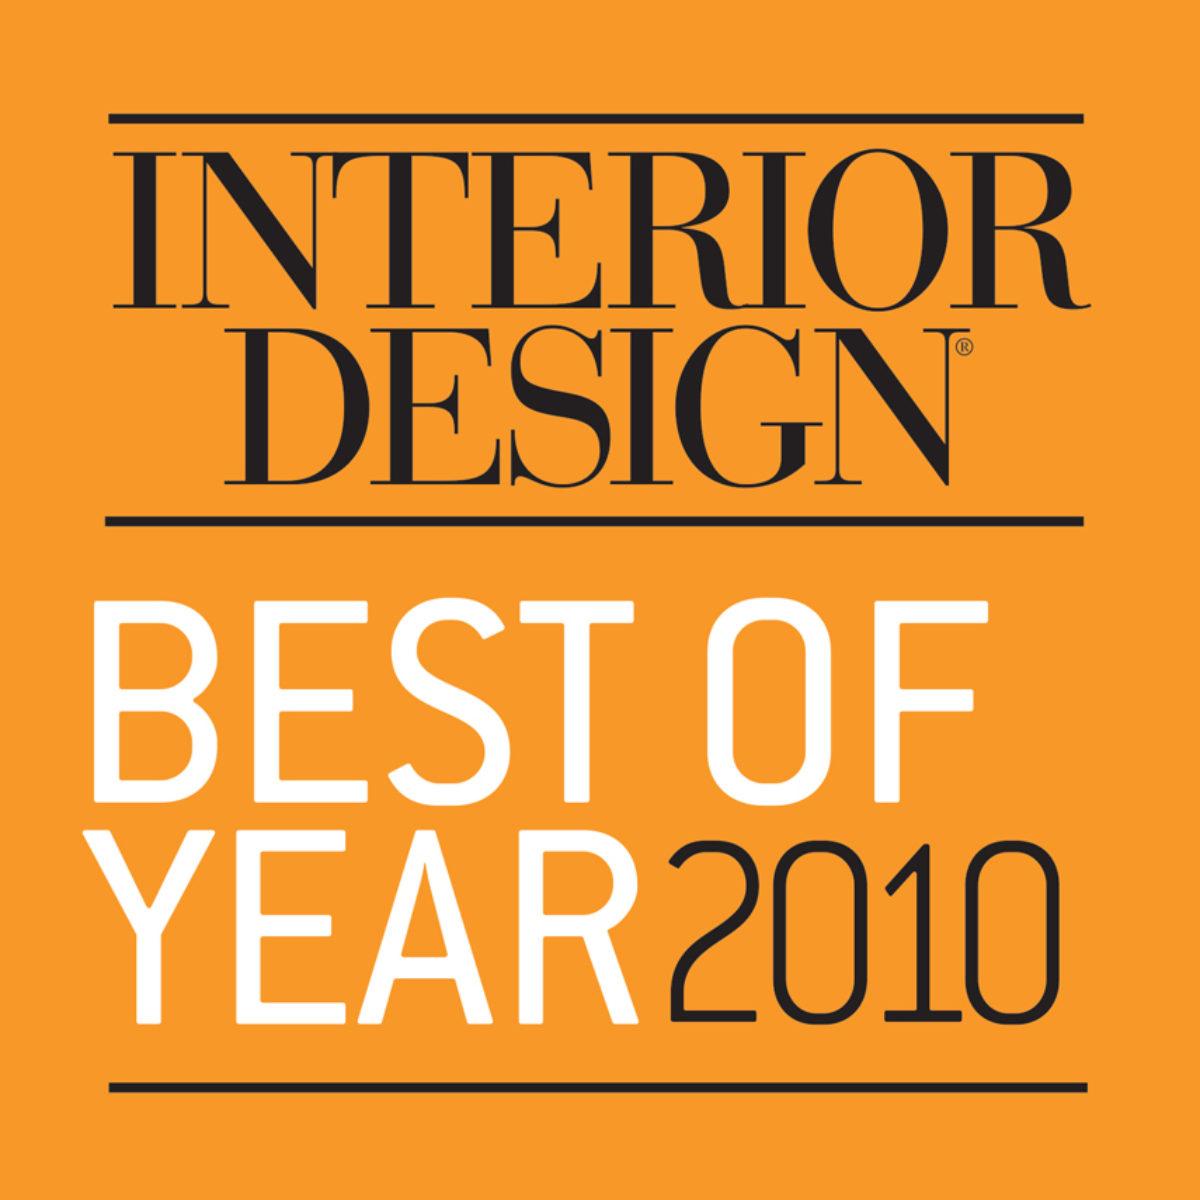 Interior Design Best of Year 2010 logo